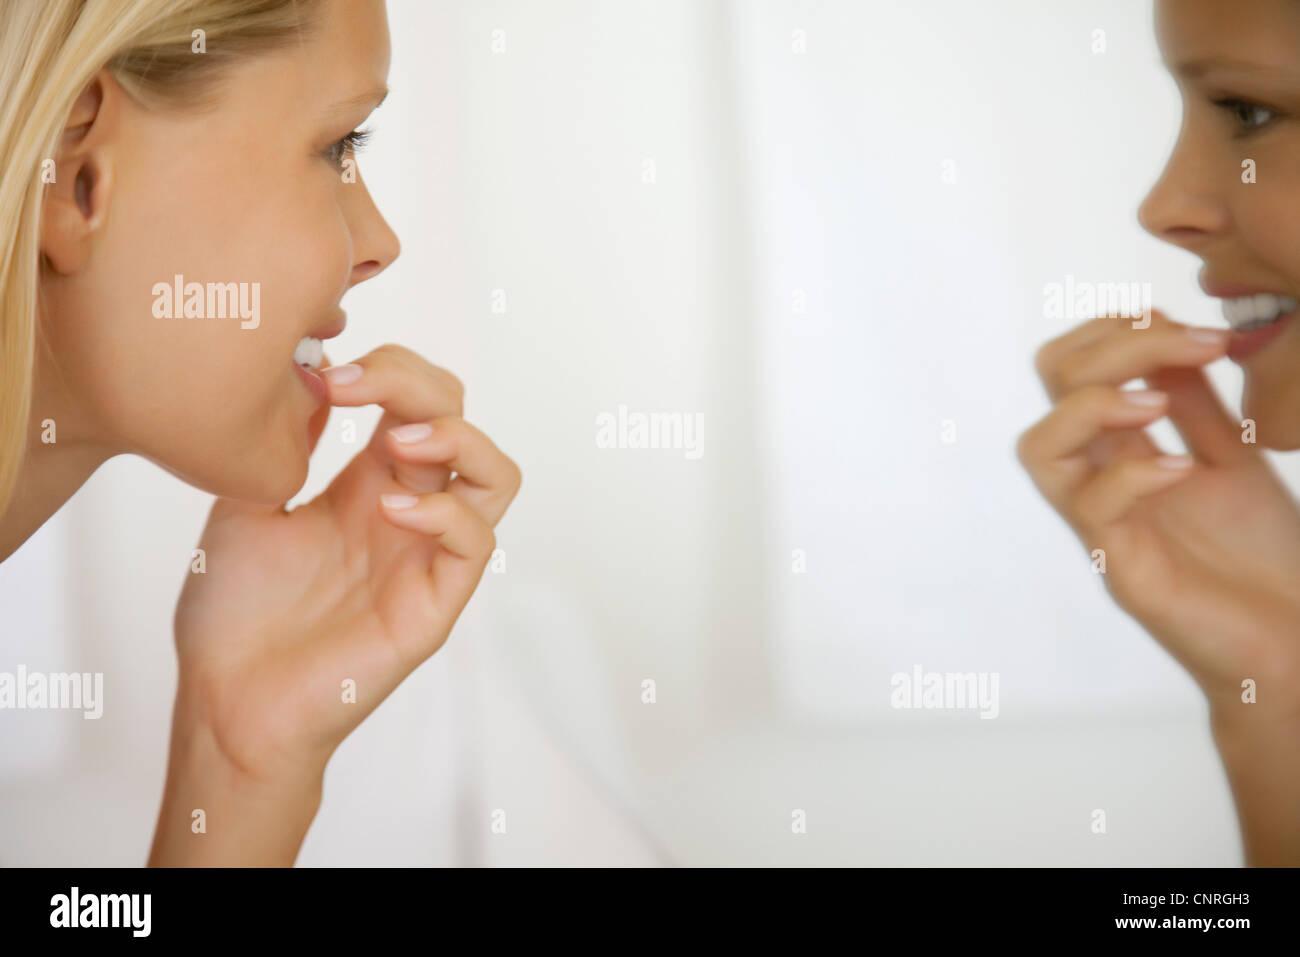 junge frau die z hne im spiegel seitenansicht betrachten stockfoto bild 47846431 alamy. Black Bedroom Furniture Sets. Home Design Ideas